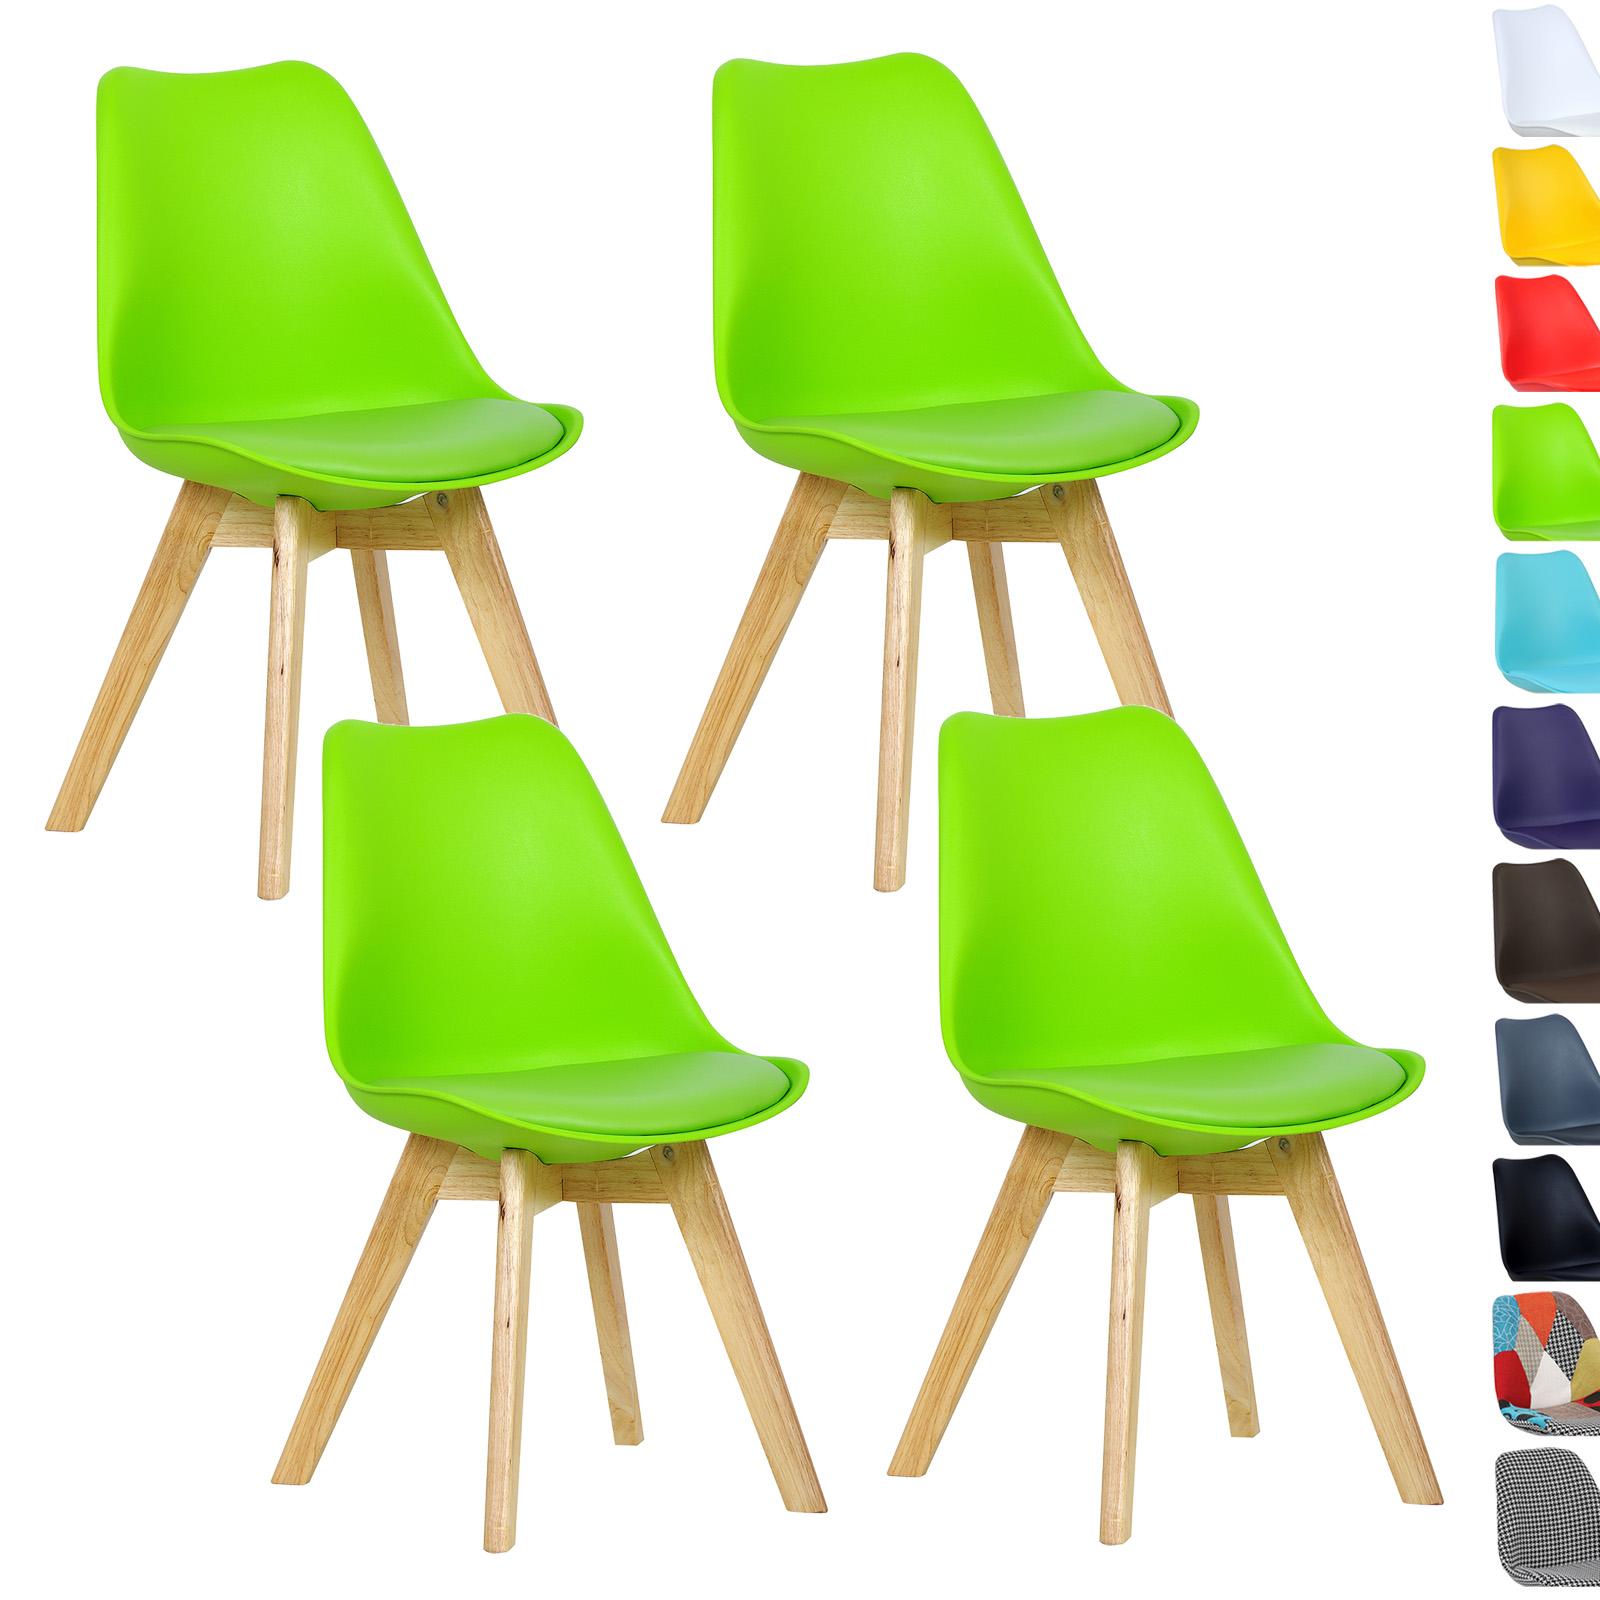 Bezaubernd Esszimmerstühle Grün Dekoration Von 4 X Esszimmerstühle Esszimmerstuhl Bürostuhl Küchenstuhl Holz